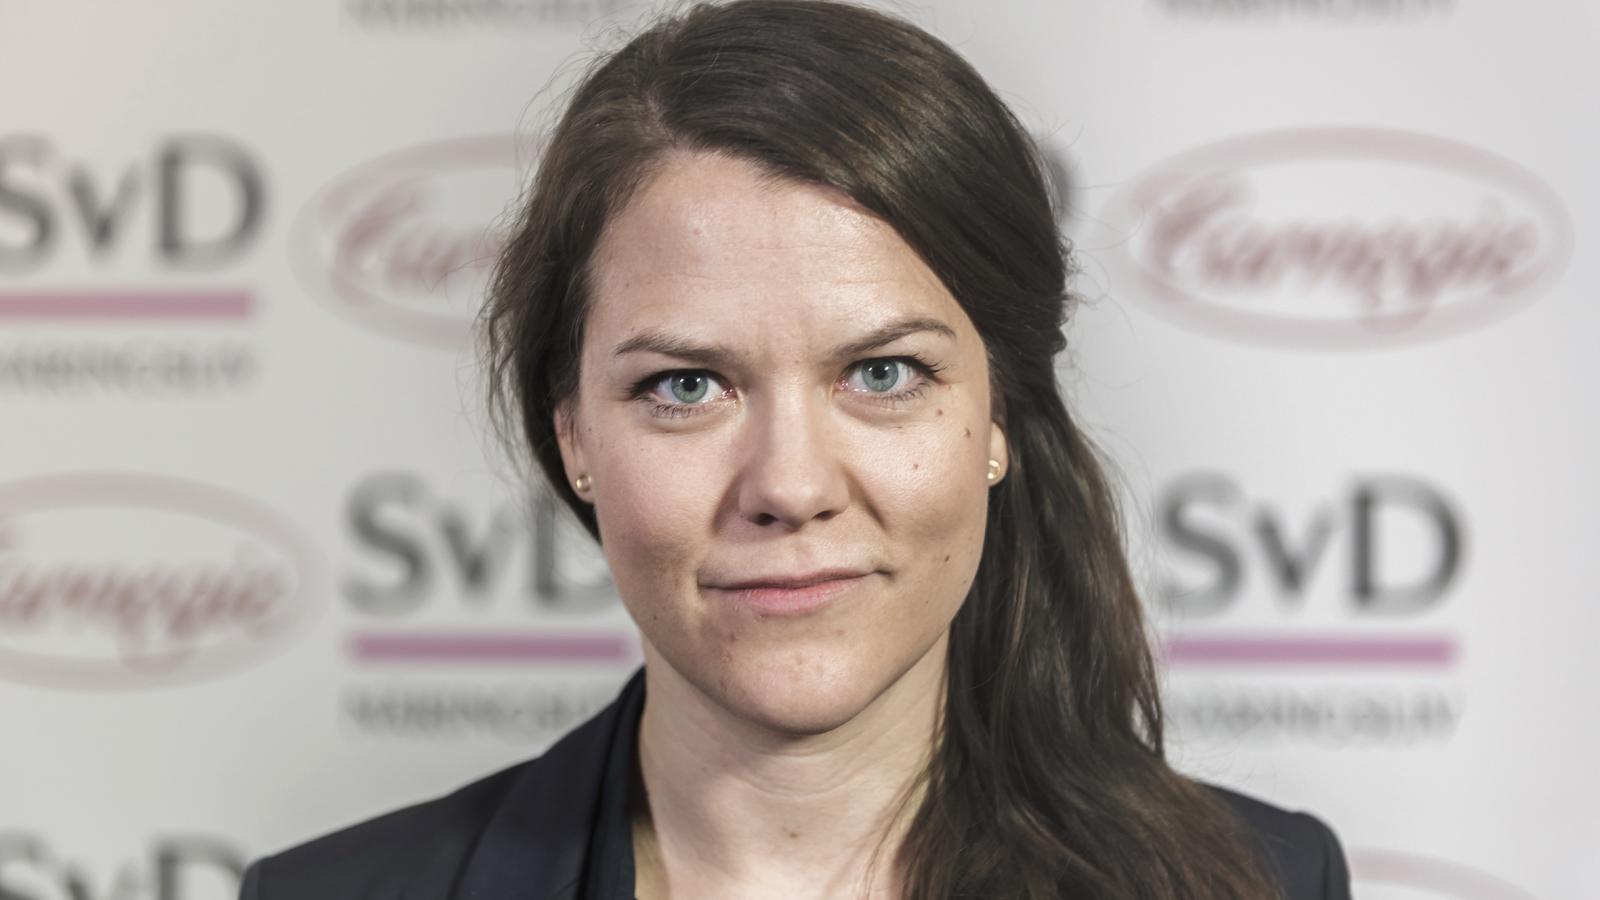 Caroline Fjellner